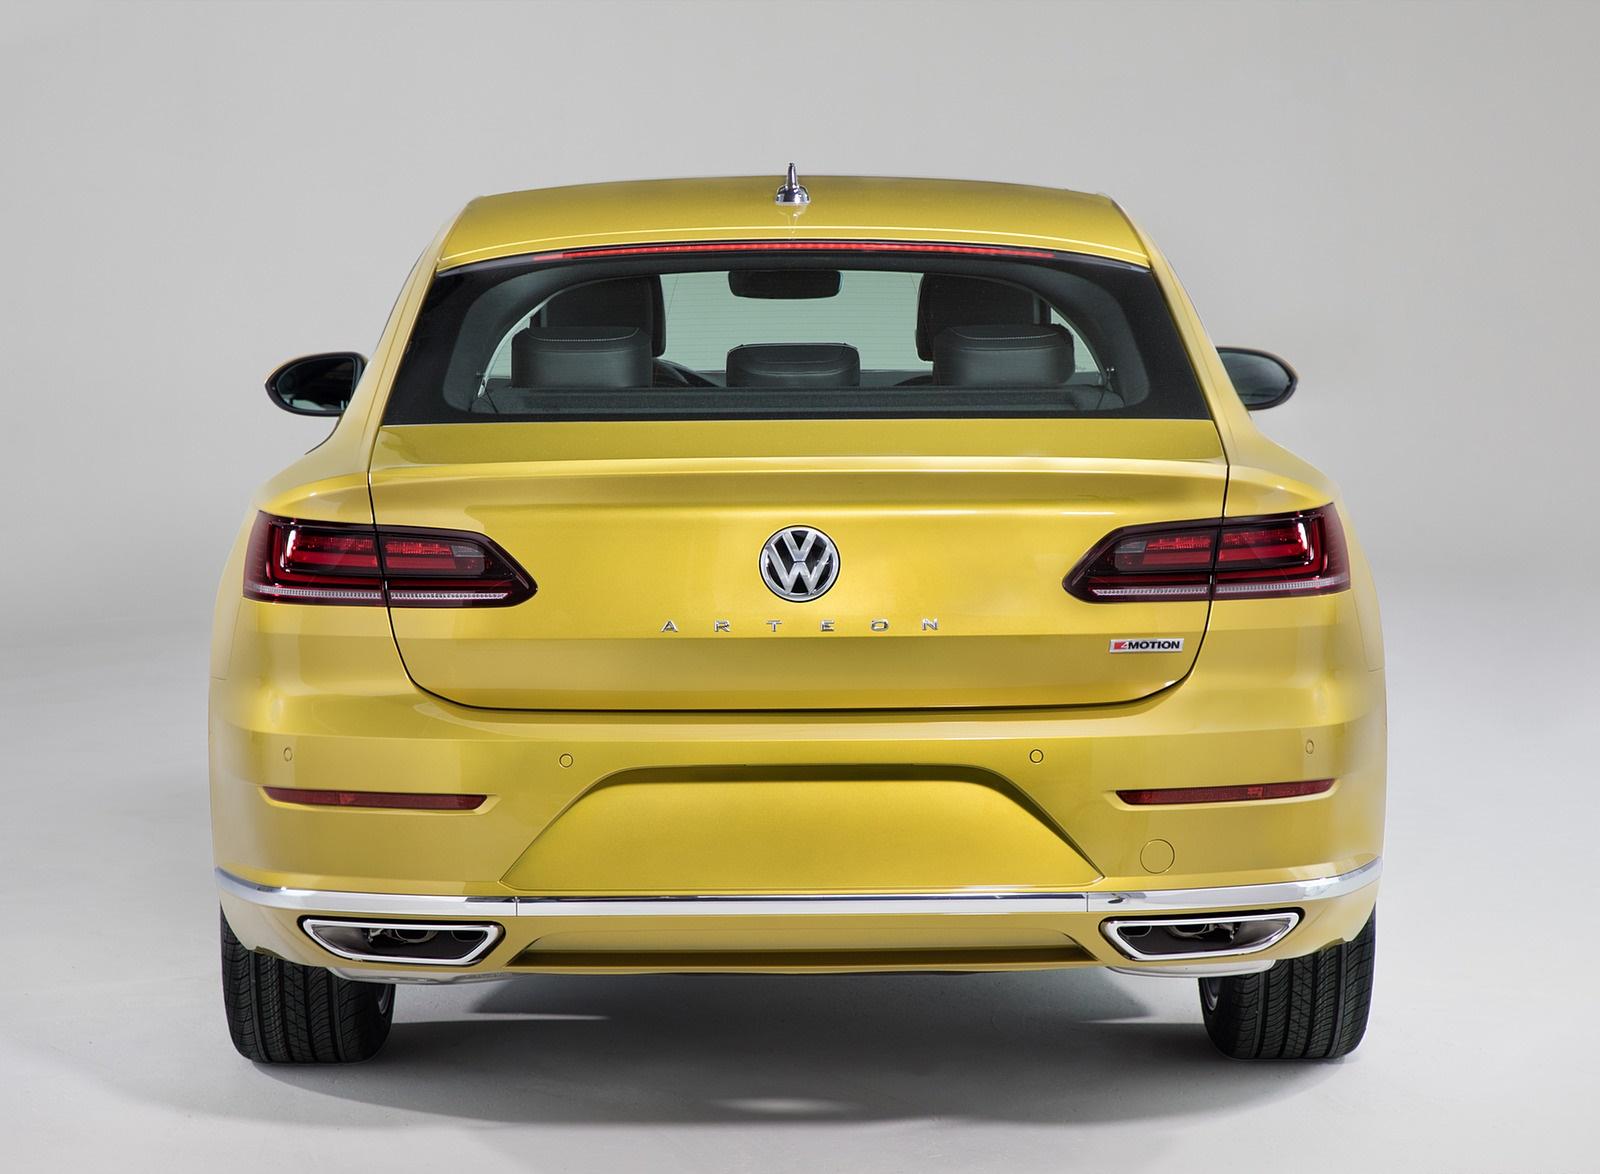 2019 Volkswagen Arteon (US-Spec) Rear Wallpaper (14)